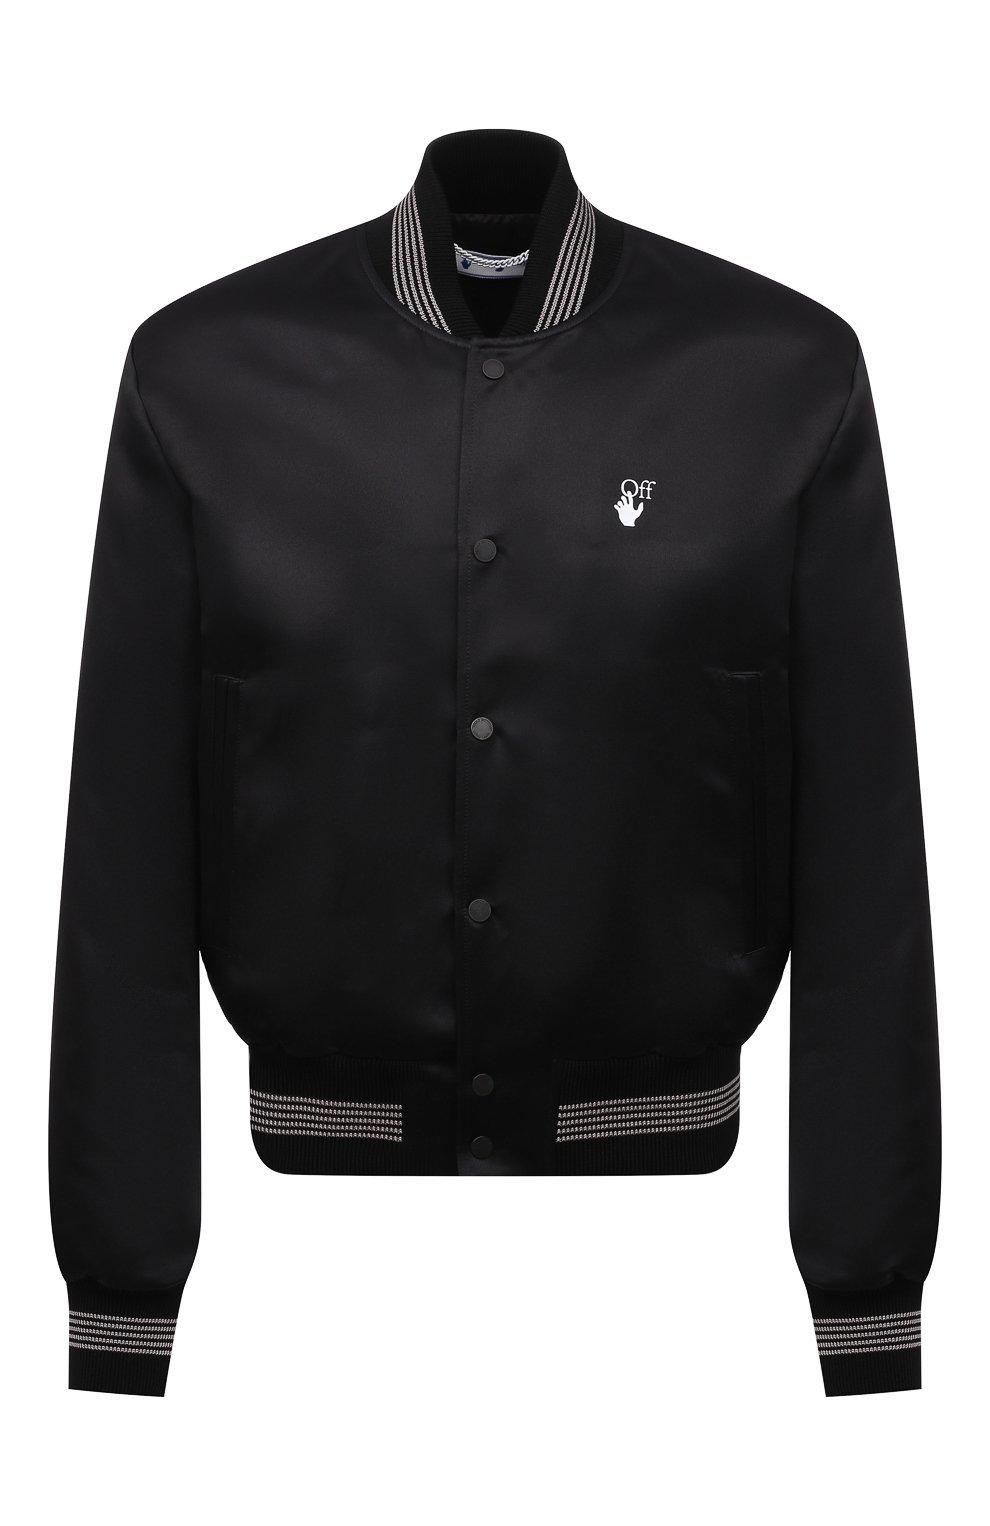 Мужской бомбер OFF-WHITE черного цвета, арт. 0MEA267S21FAB001 | Фото 1 (Кросс-КТ: Куртка; Рукава: Длинные; Материал внешний: Синтетический материал; Стили: Гранж; Принт: С принтом; Длина (верхняя одежда): Короткие; Материал подклада: Вискоза)